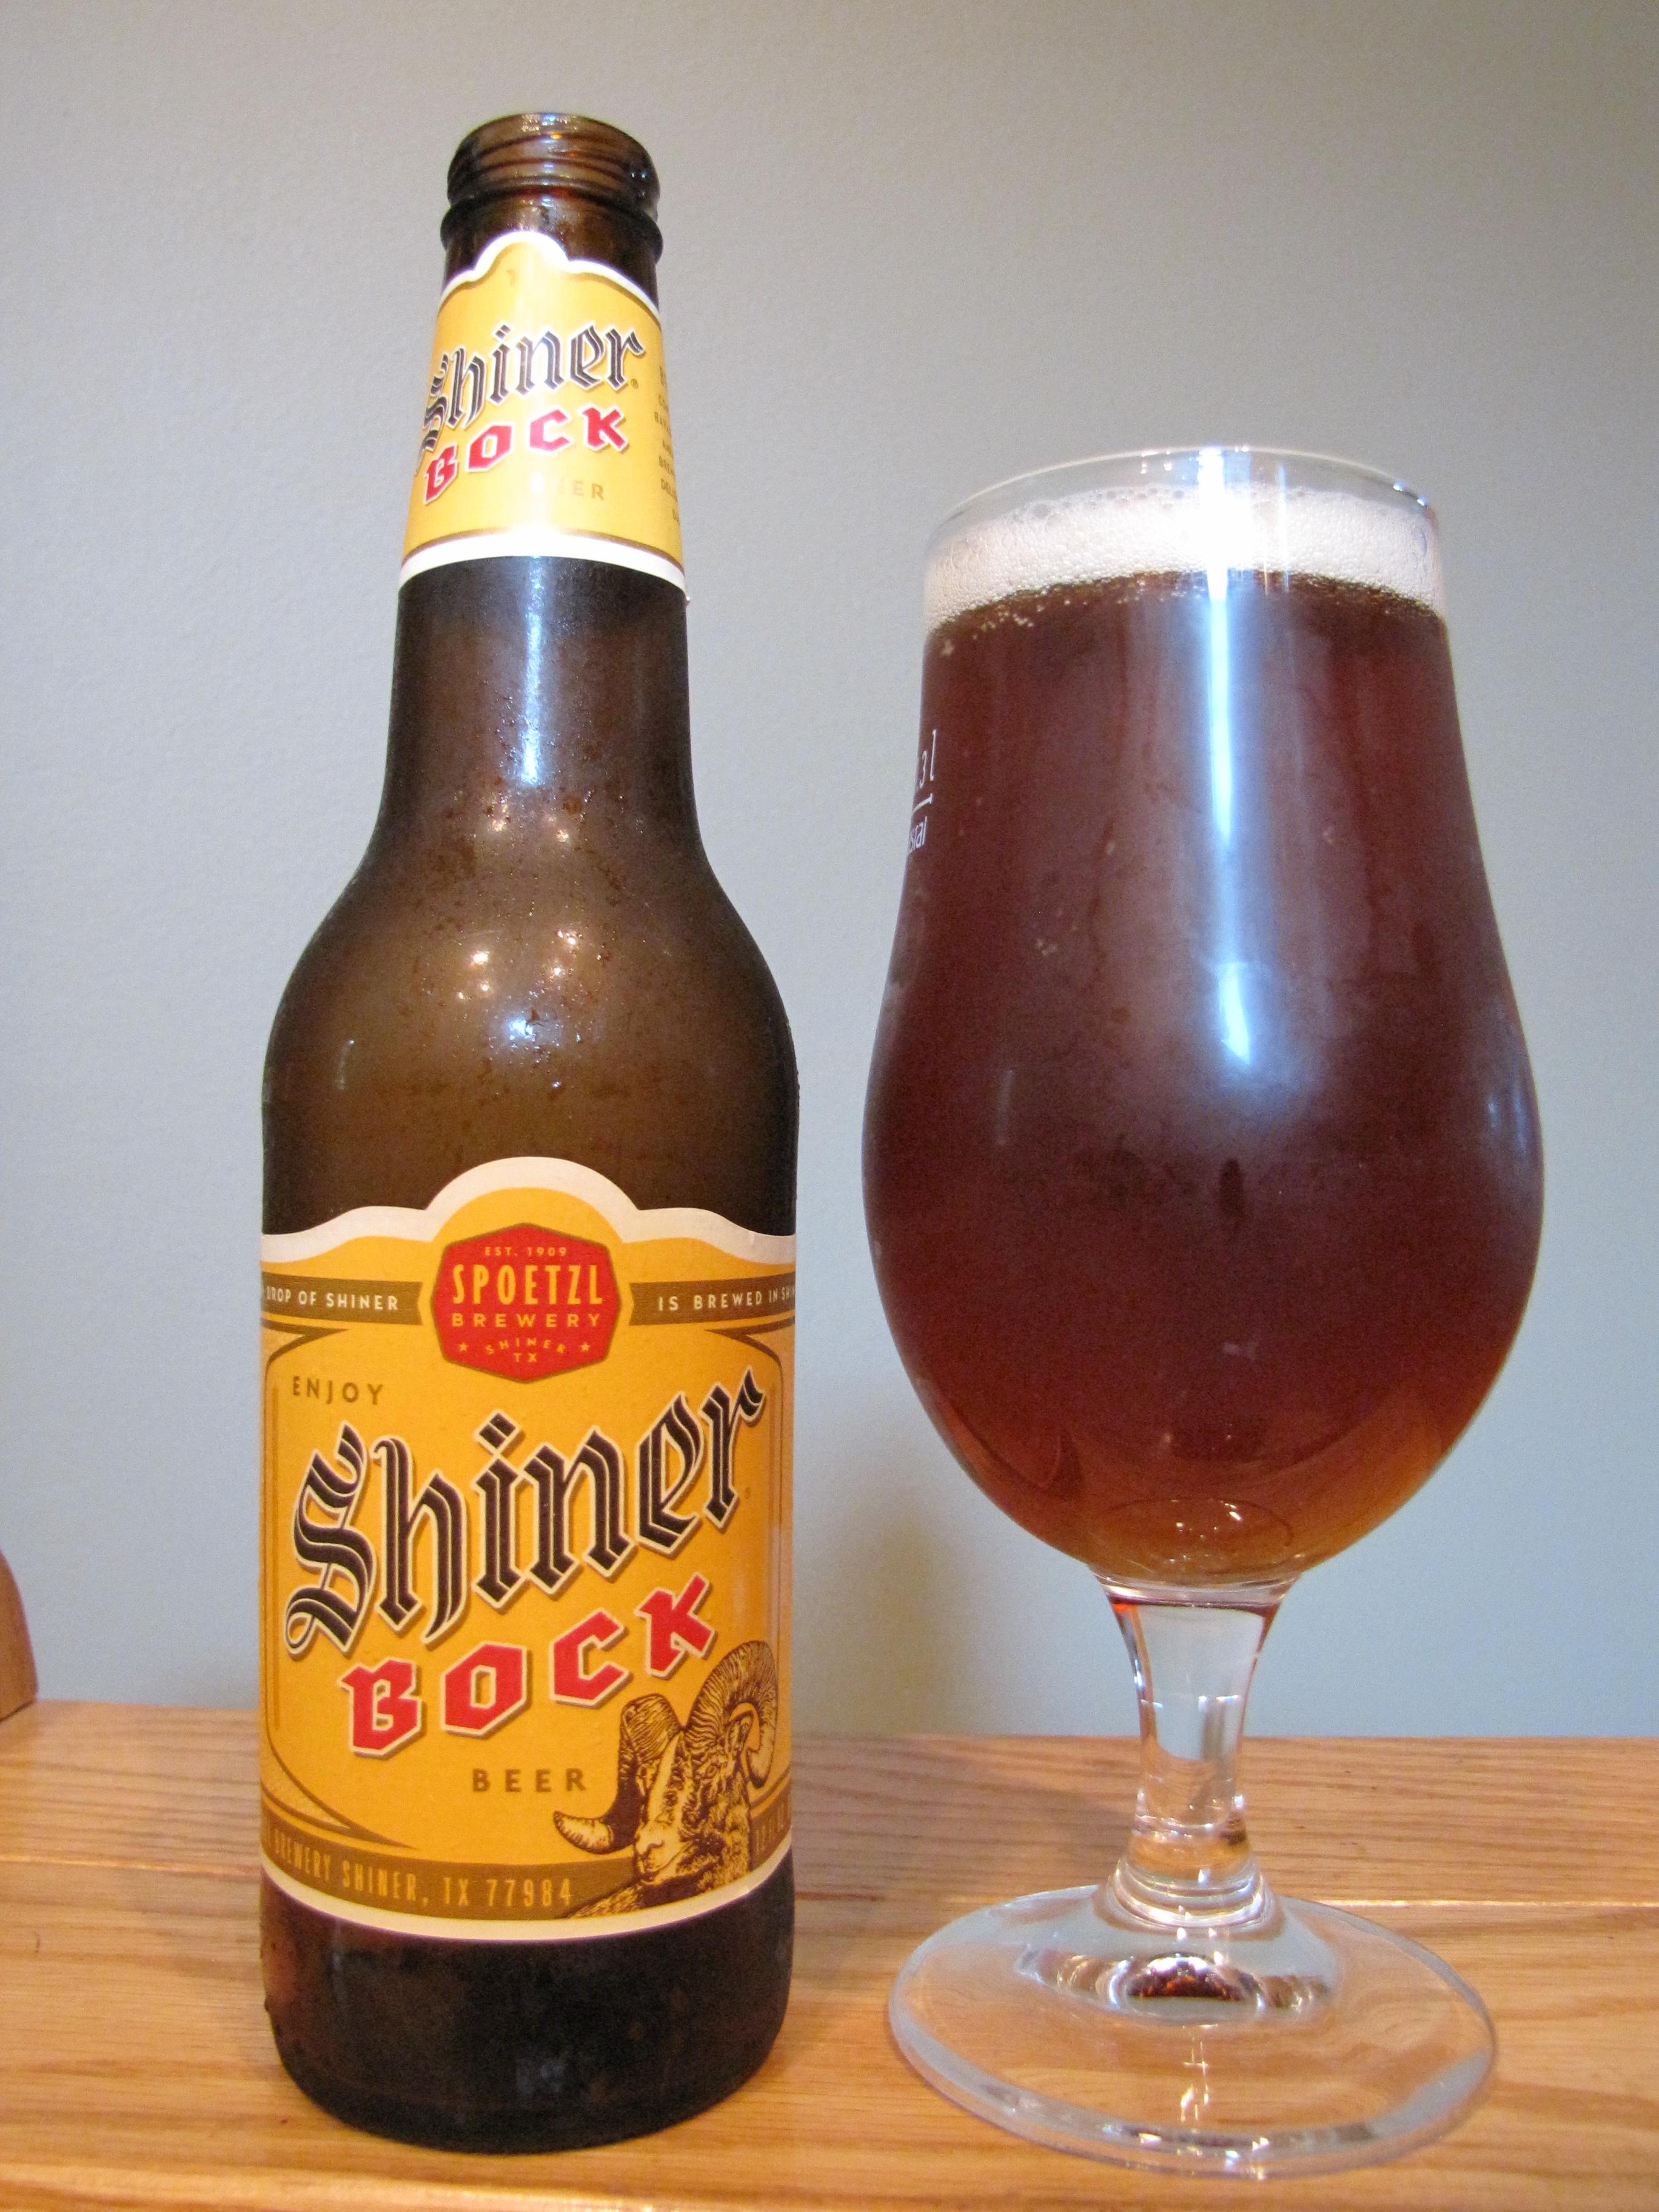 Spoetzl Shiner Bock